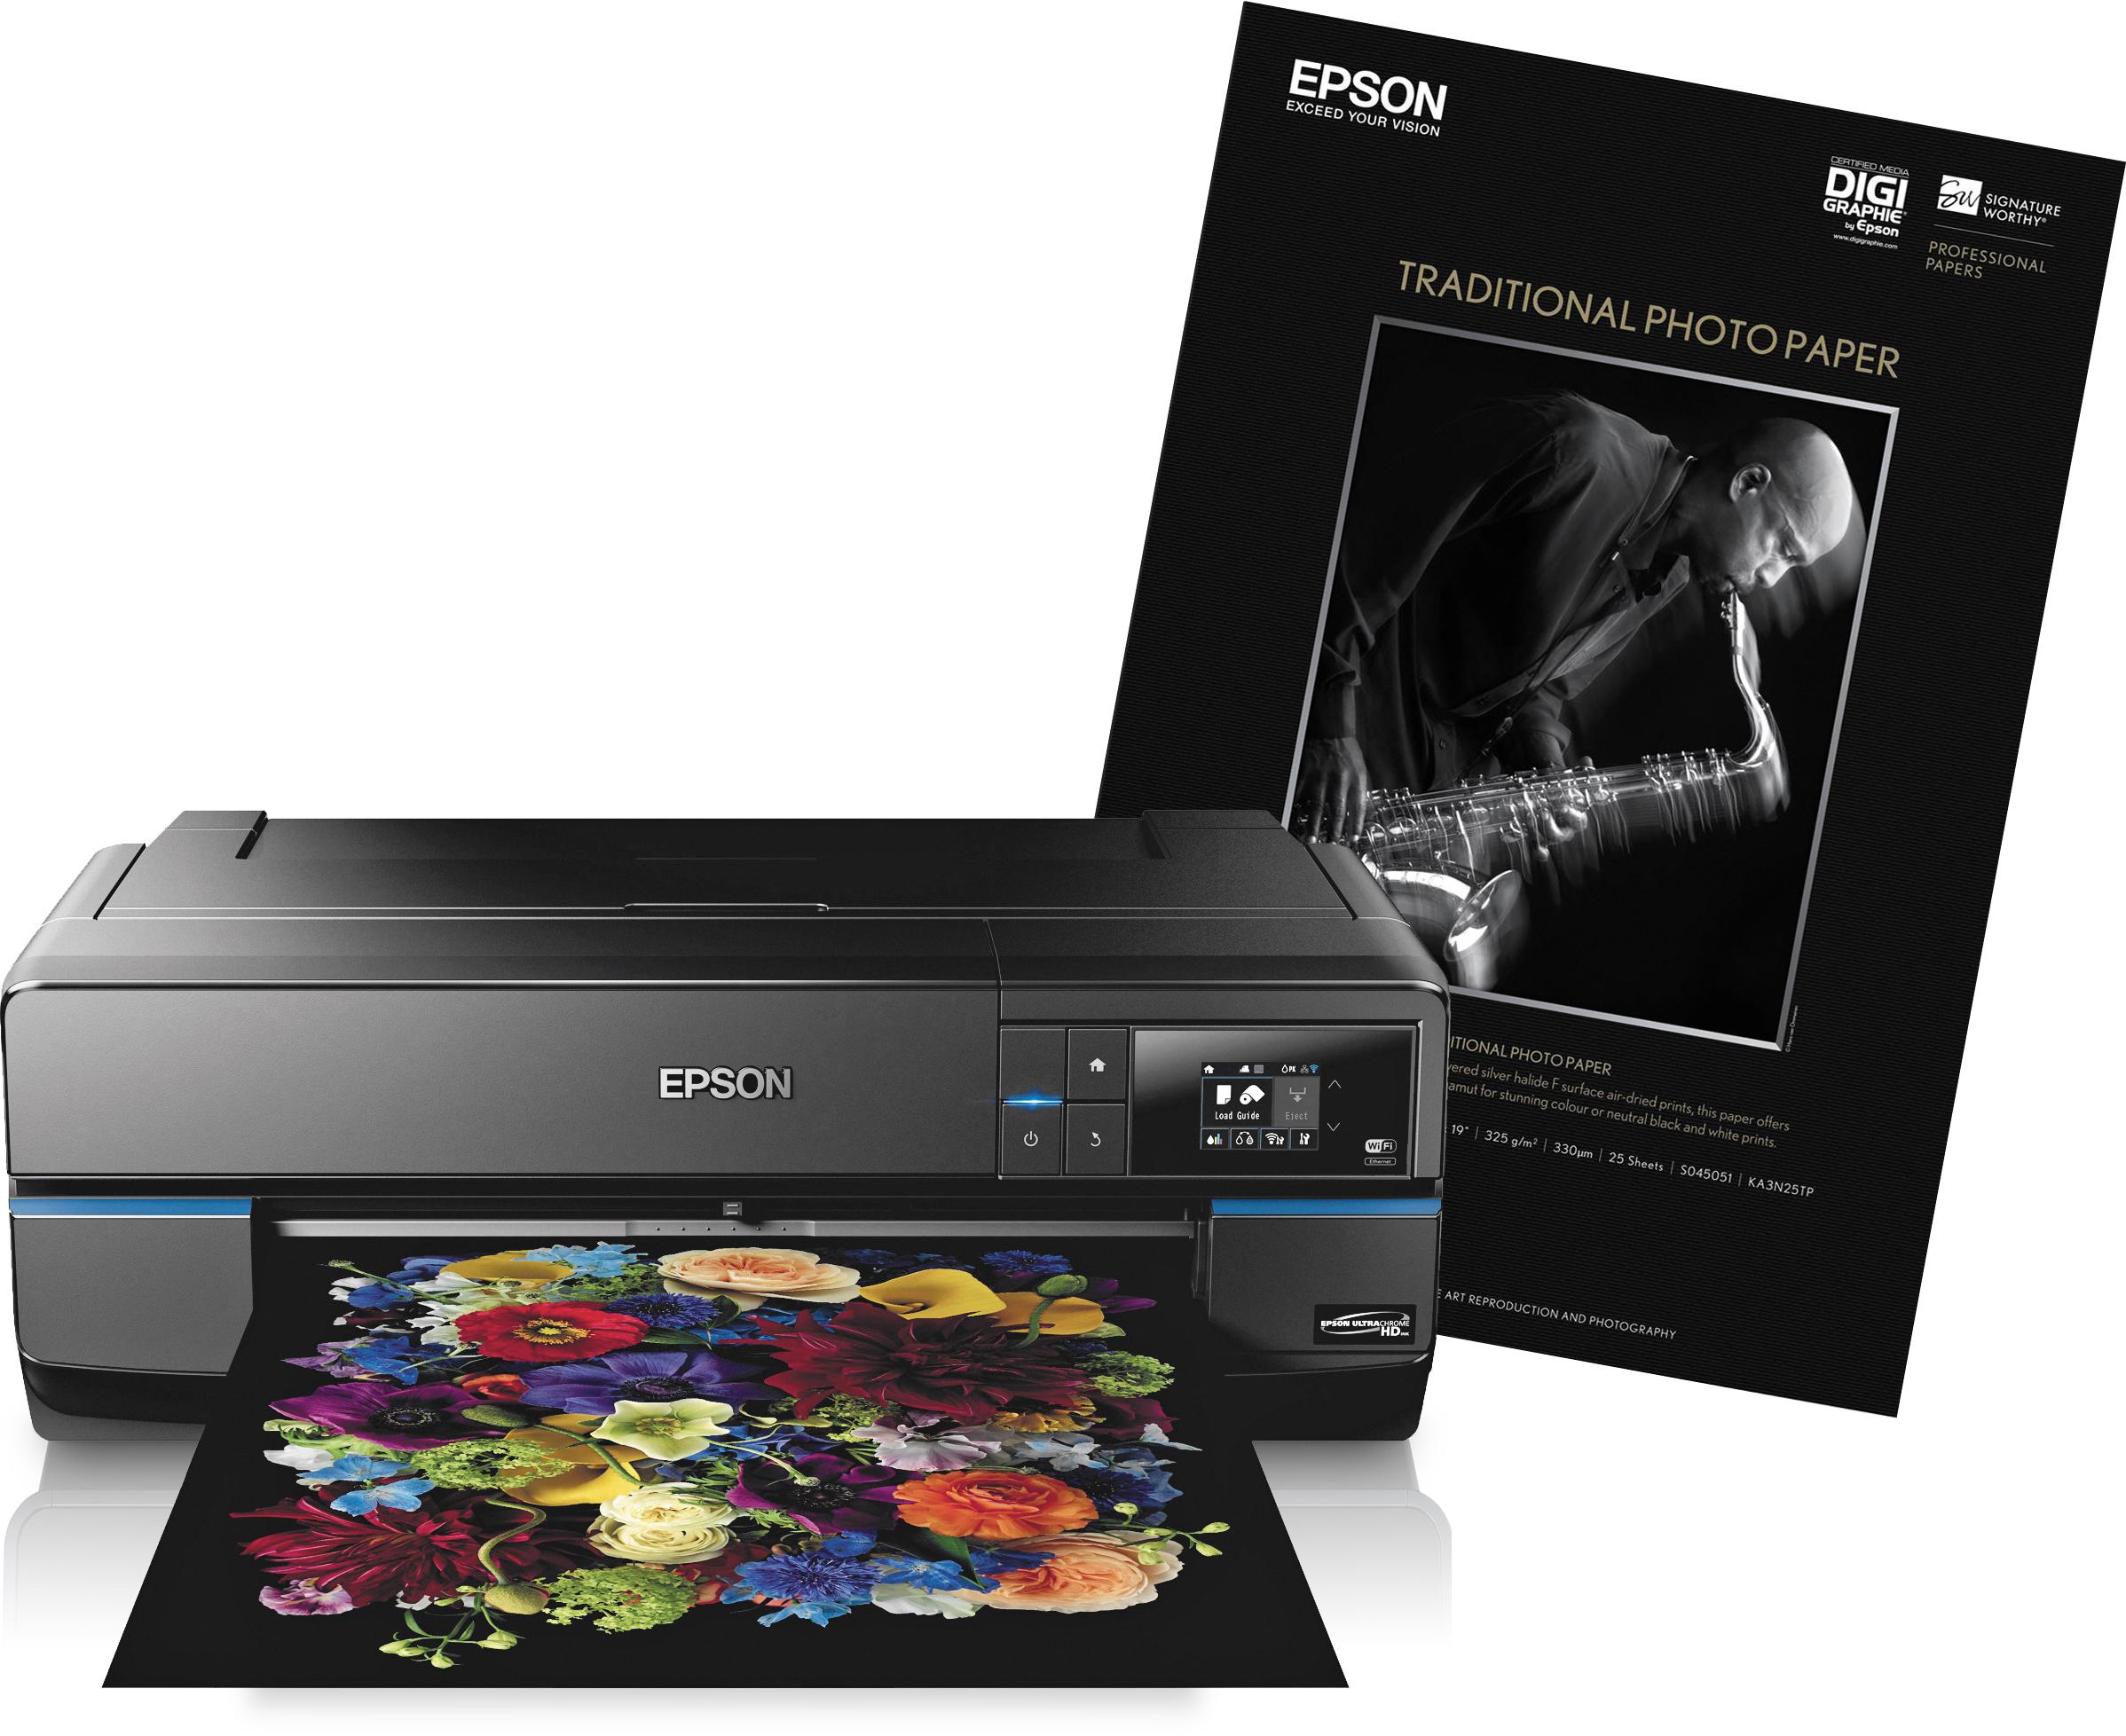 Epson Sure-Color SC-P800